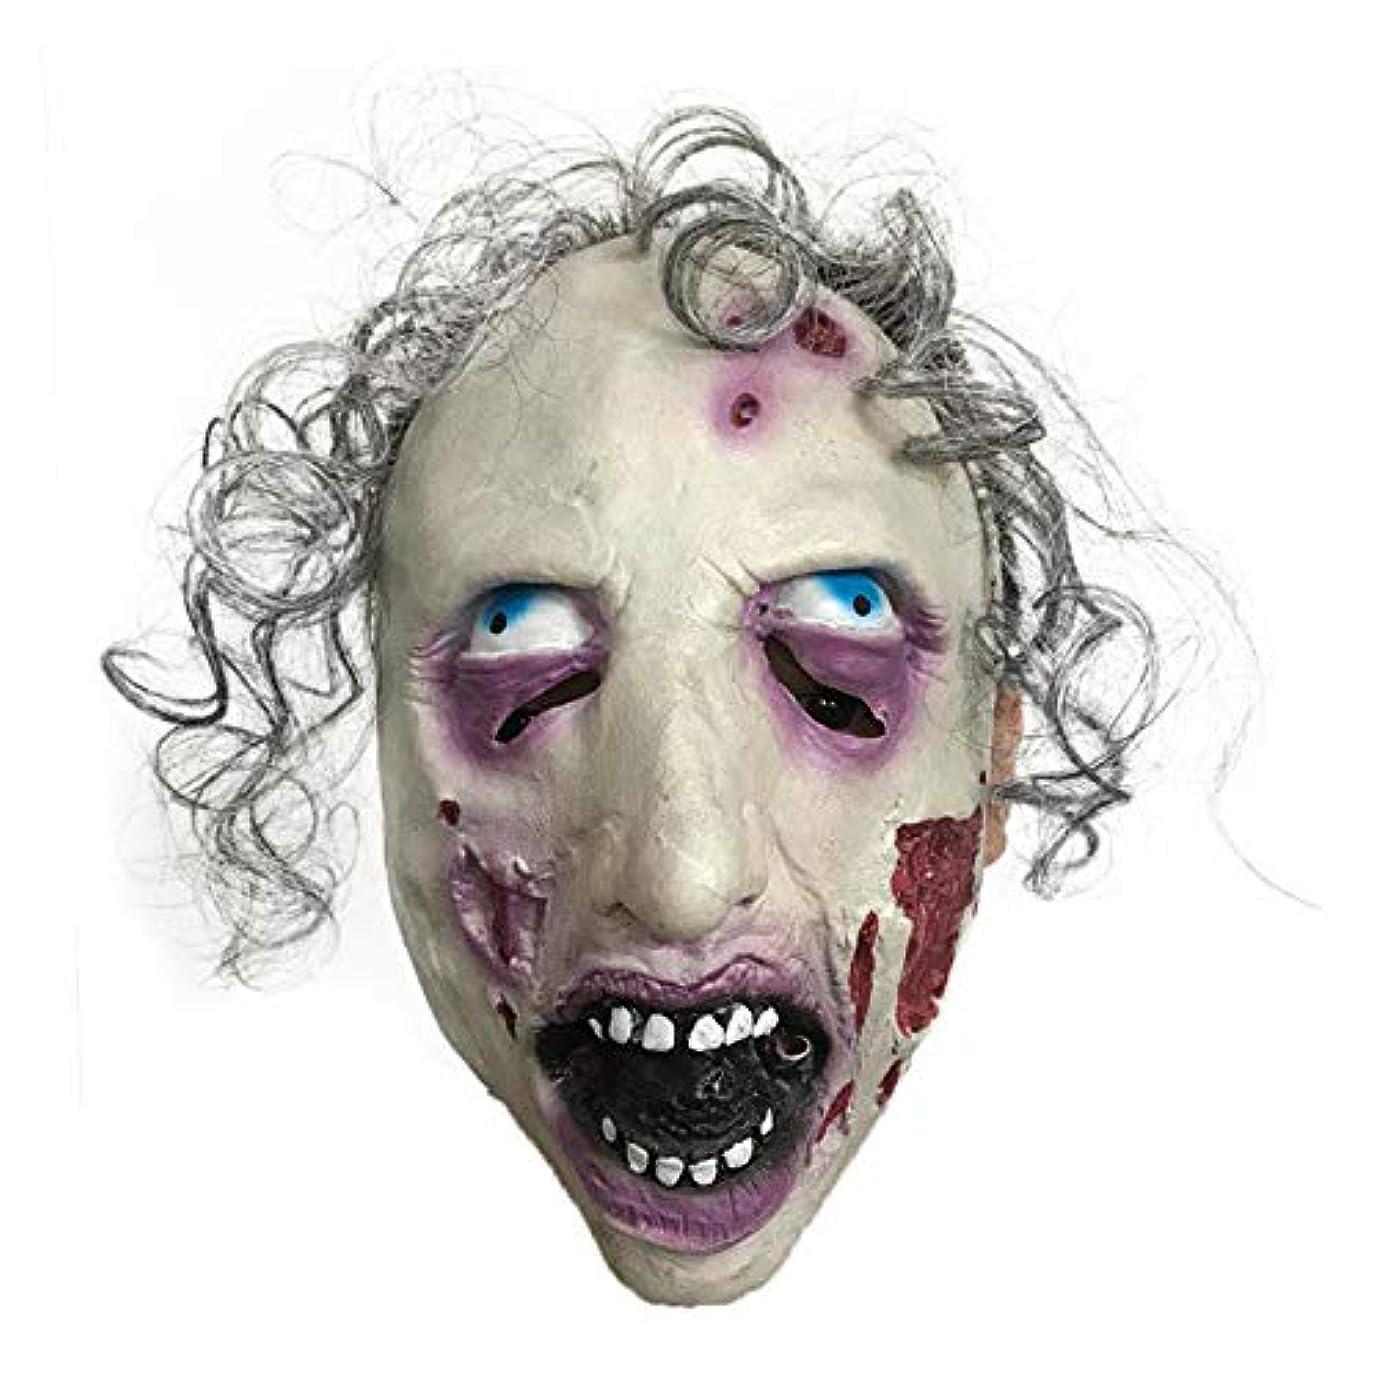 定数テザーどこにでもマスクでハロウィンホラー、ゾンビマスク、オタクダンスドレス、腐った顔を果たし、銀